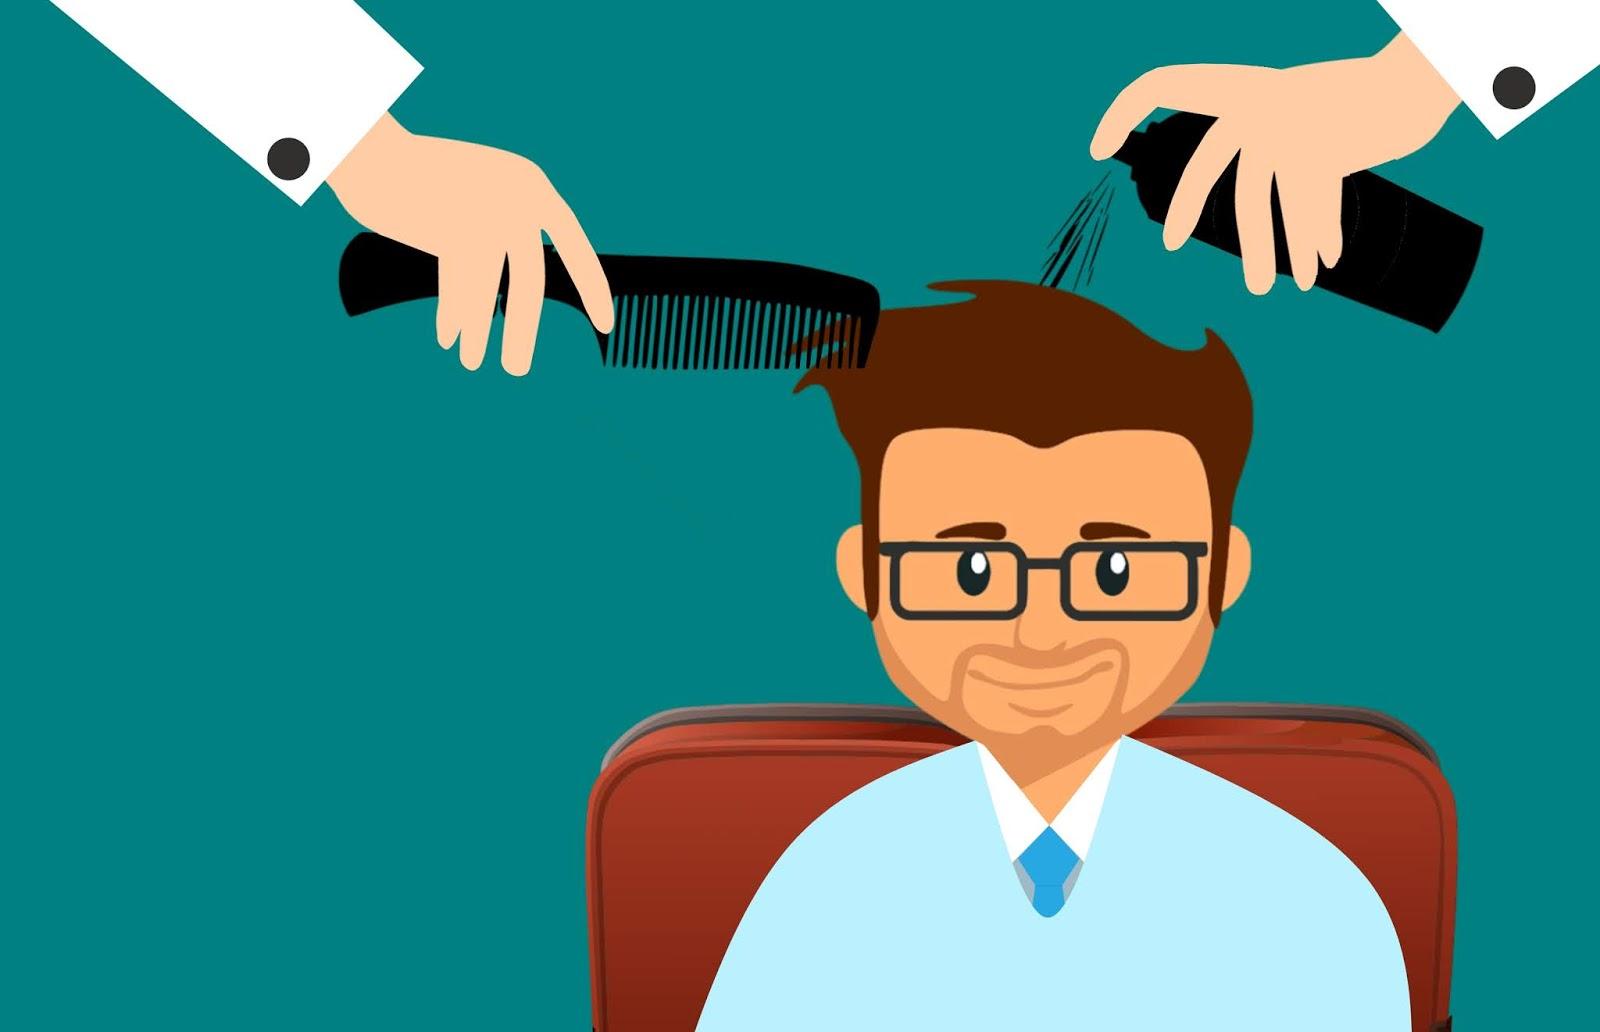 Getting a haircut in Vietnamese